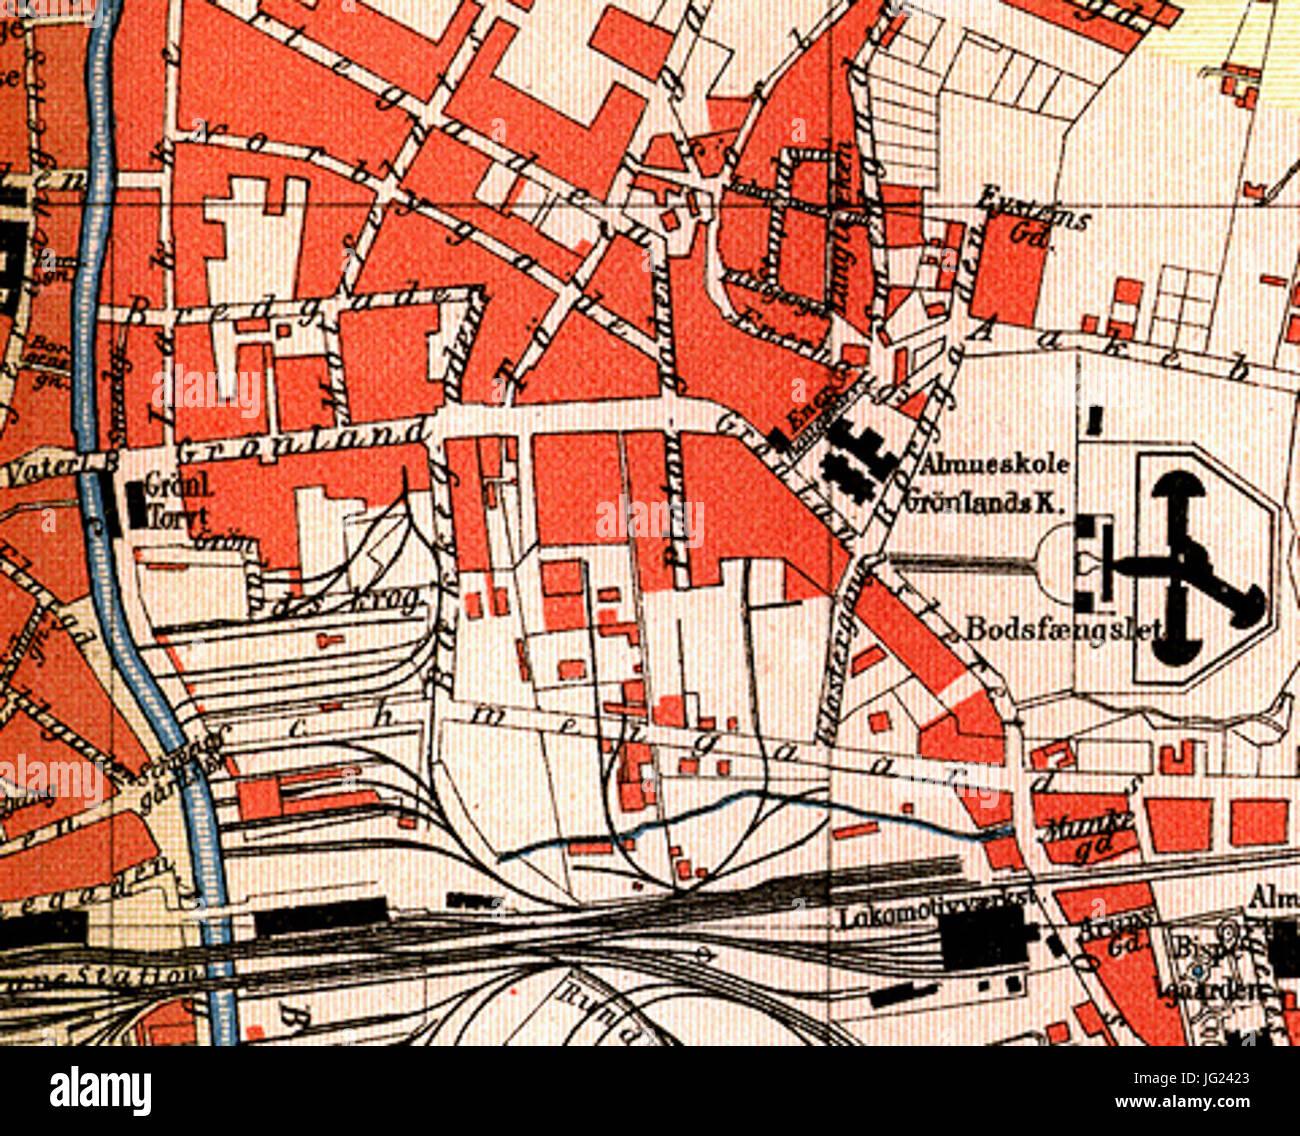 kart grønland oslo Grønland Oslo kart 1887 Stock Photo: 147564539   Alamy kart grønland oslo